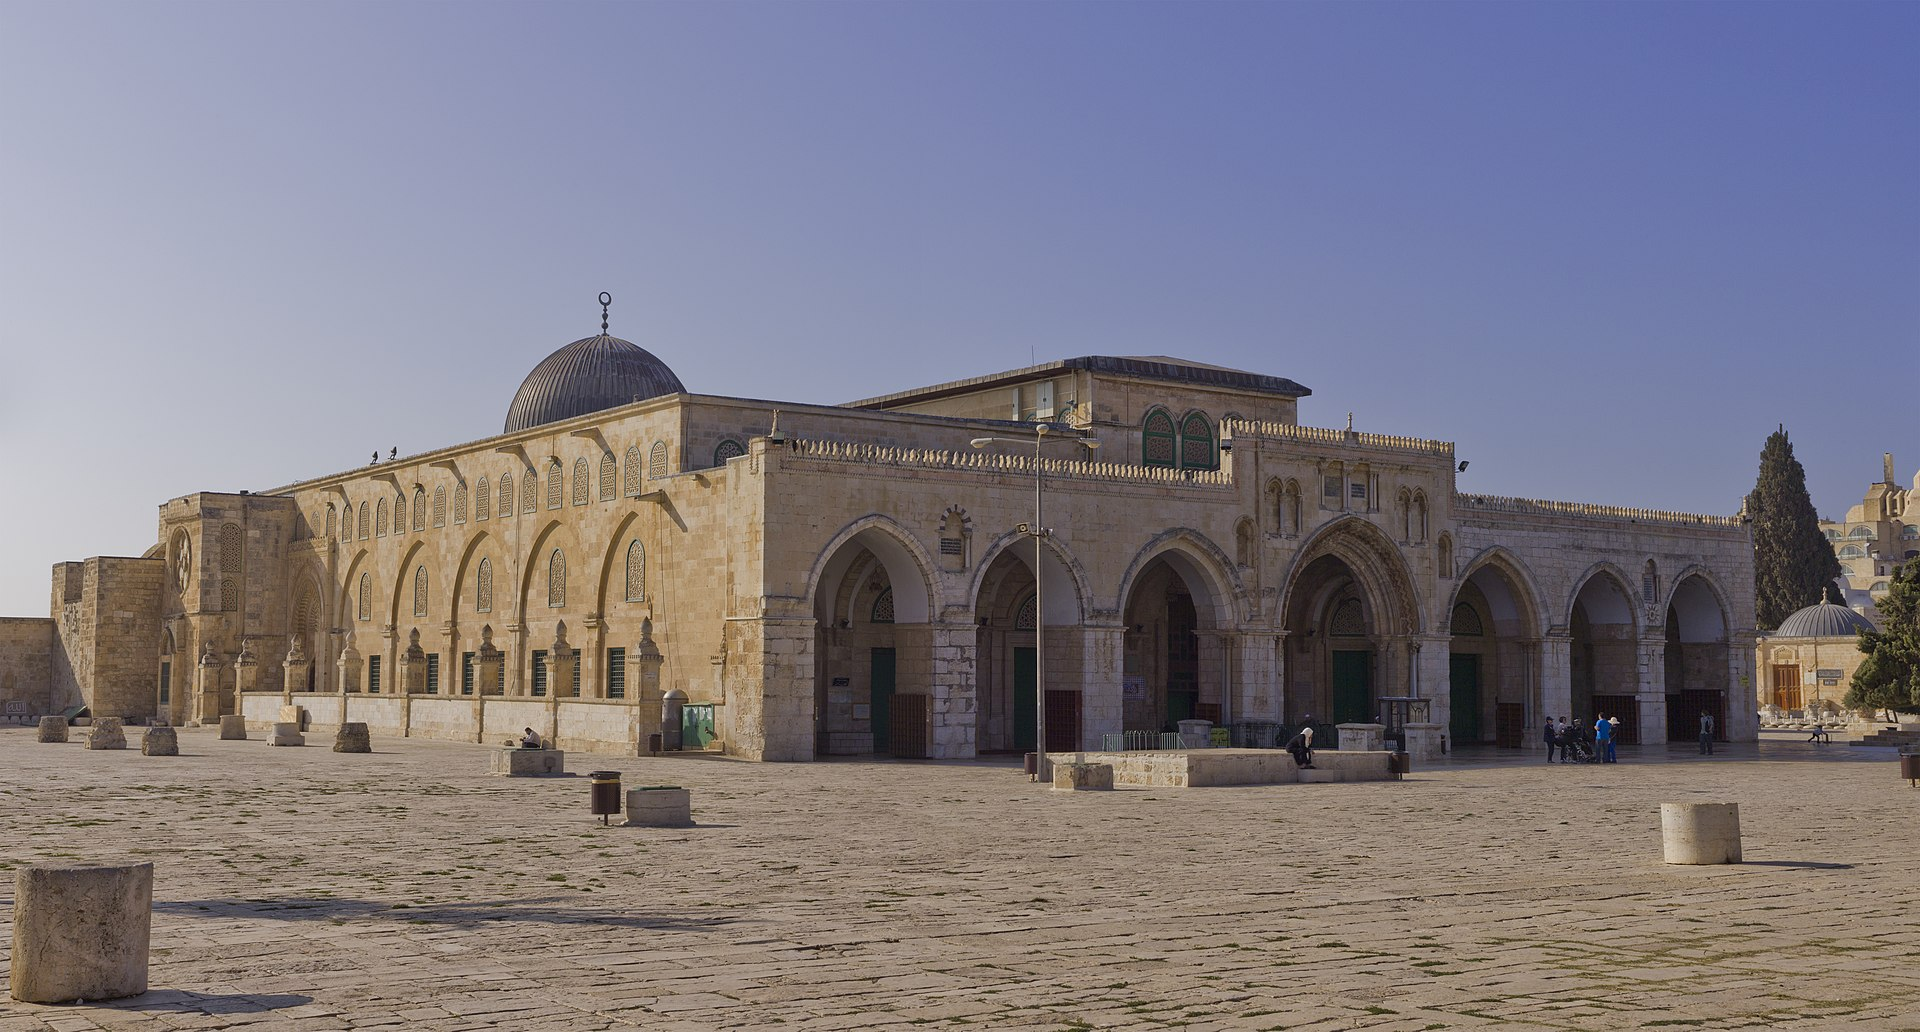 مسجد اقصی، قدیم شہر یروشلیم